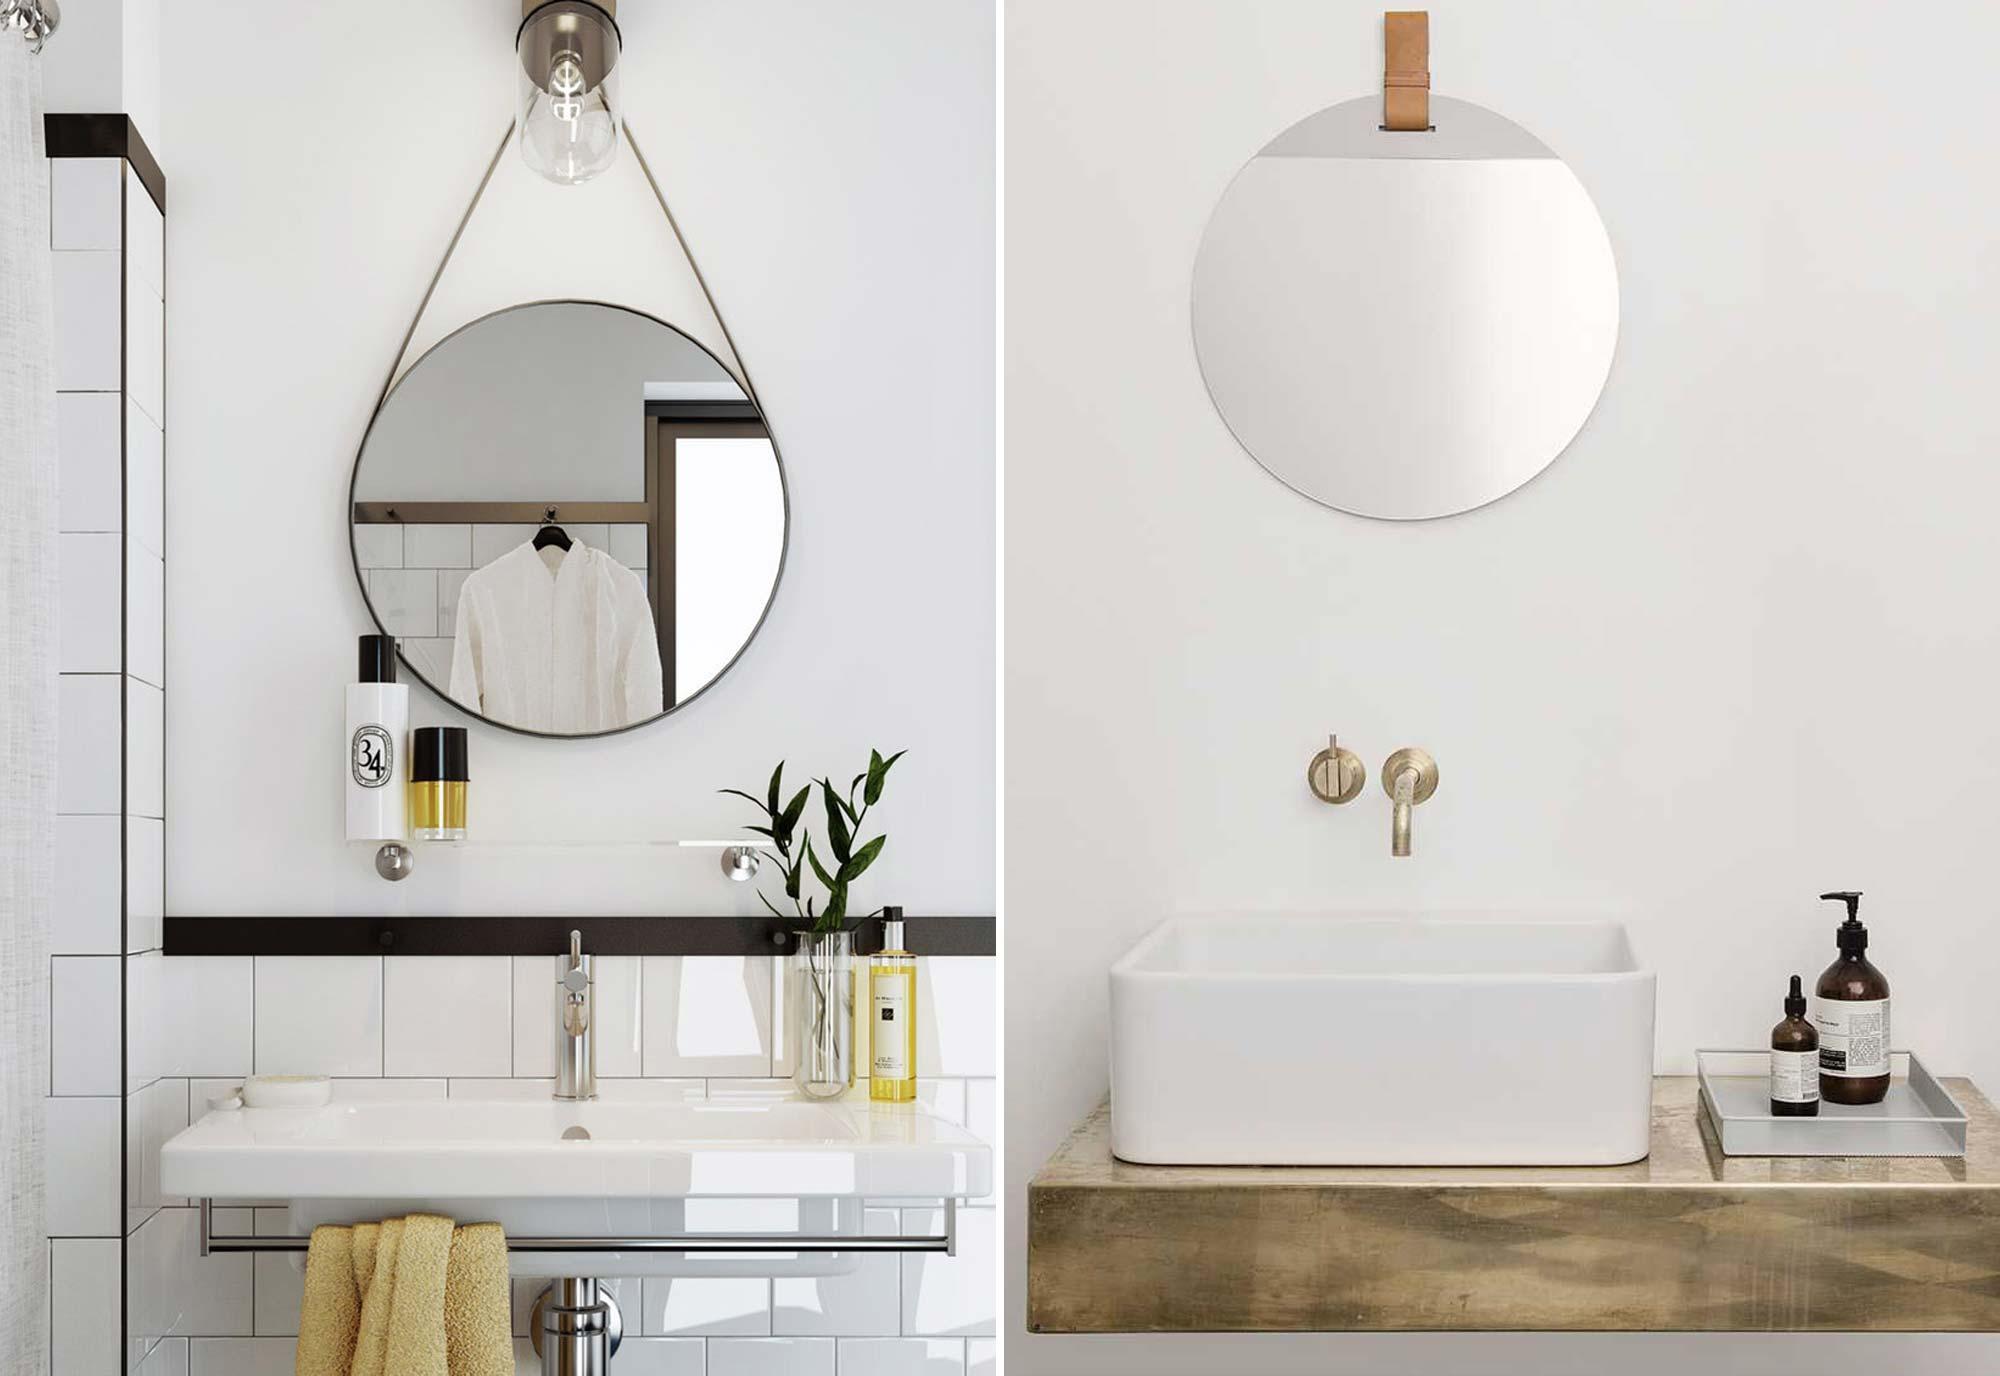 Badkamer - Spiegel - Wasmand